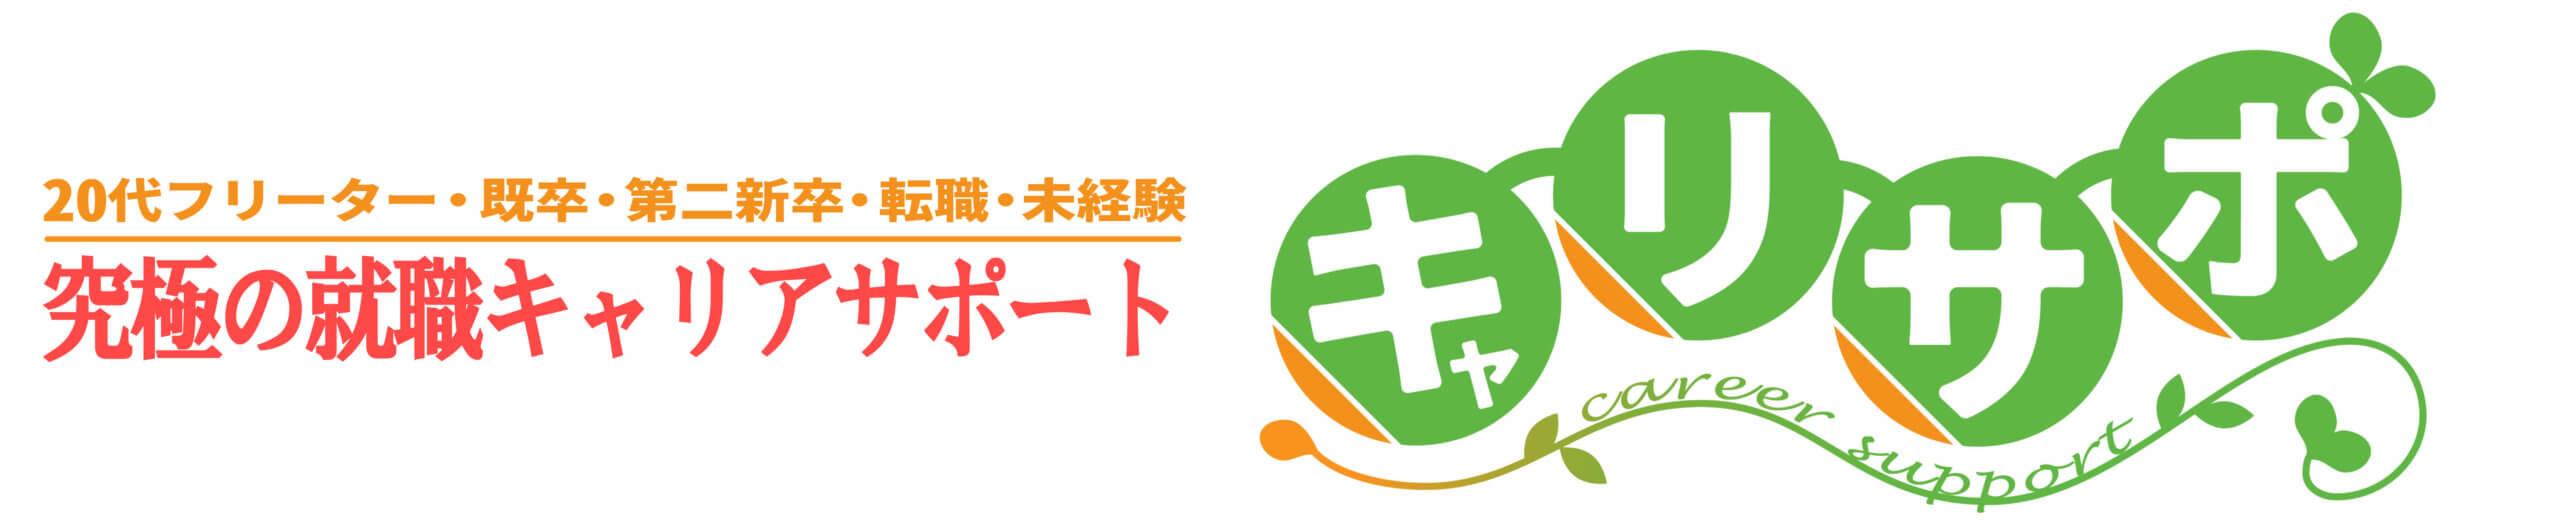 20代フリーター・既卒・第二新卒向けキャリアサポート【キャリサポ】